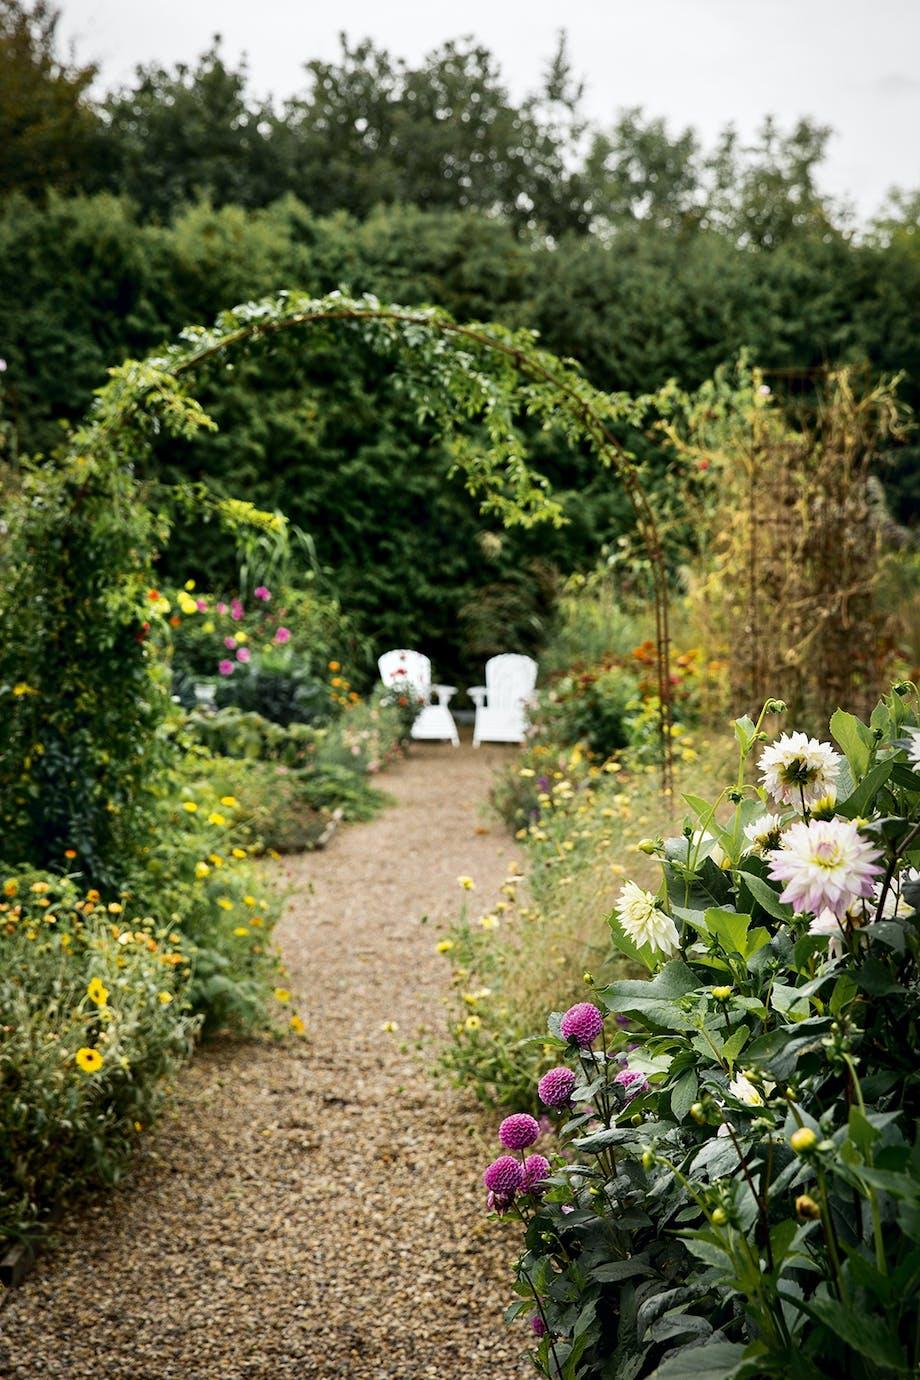 køkkenhave hvide havemøbler blomsterbed